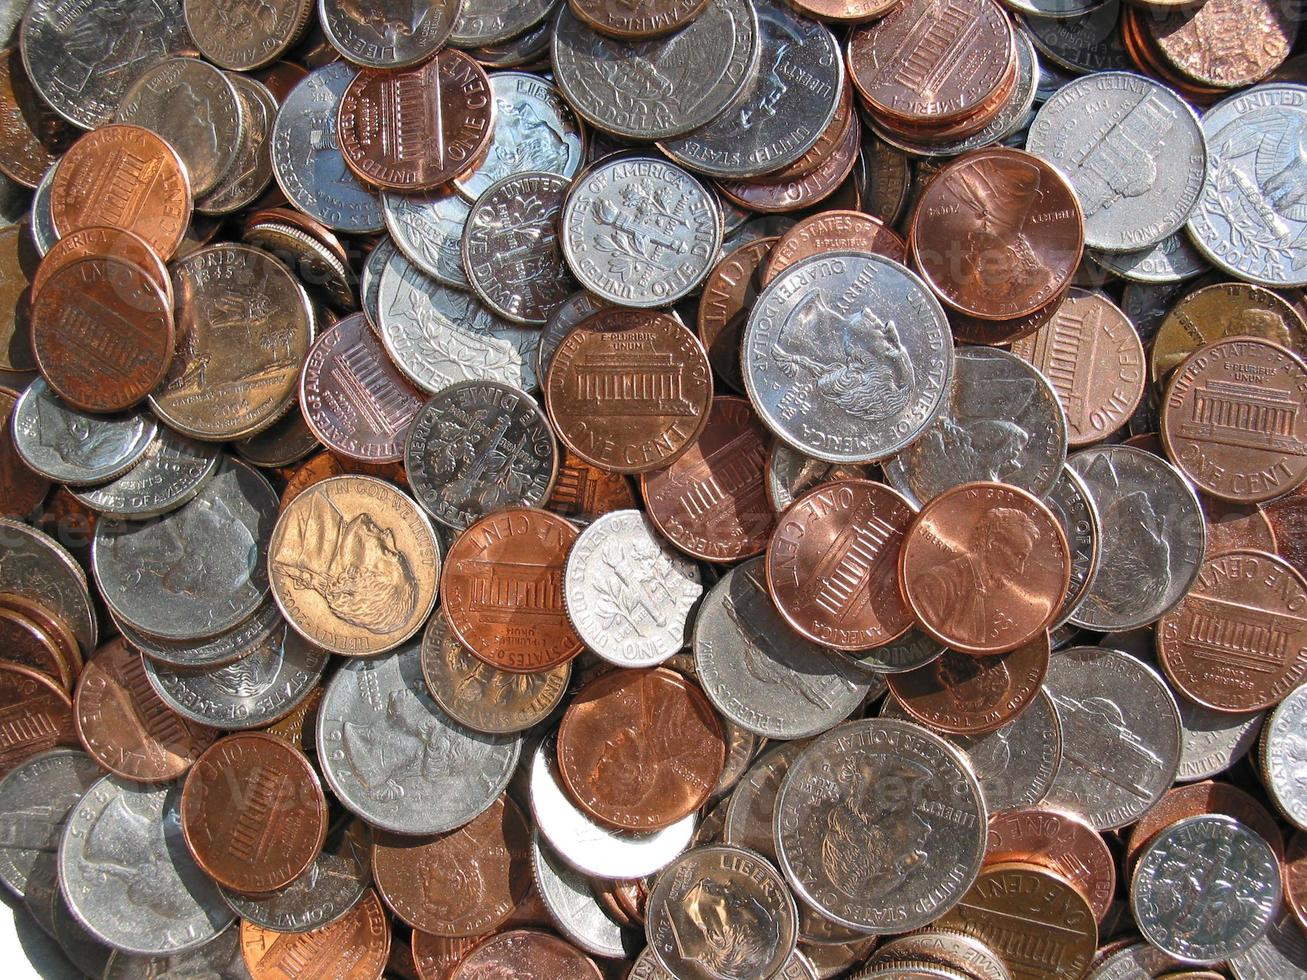 pièces américaines - pièces de monnaie en quarts photo